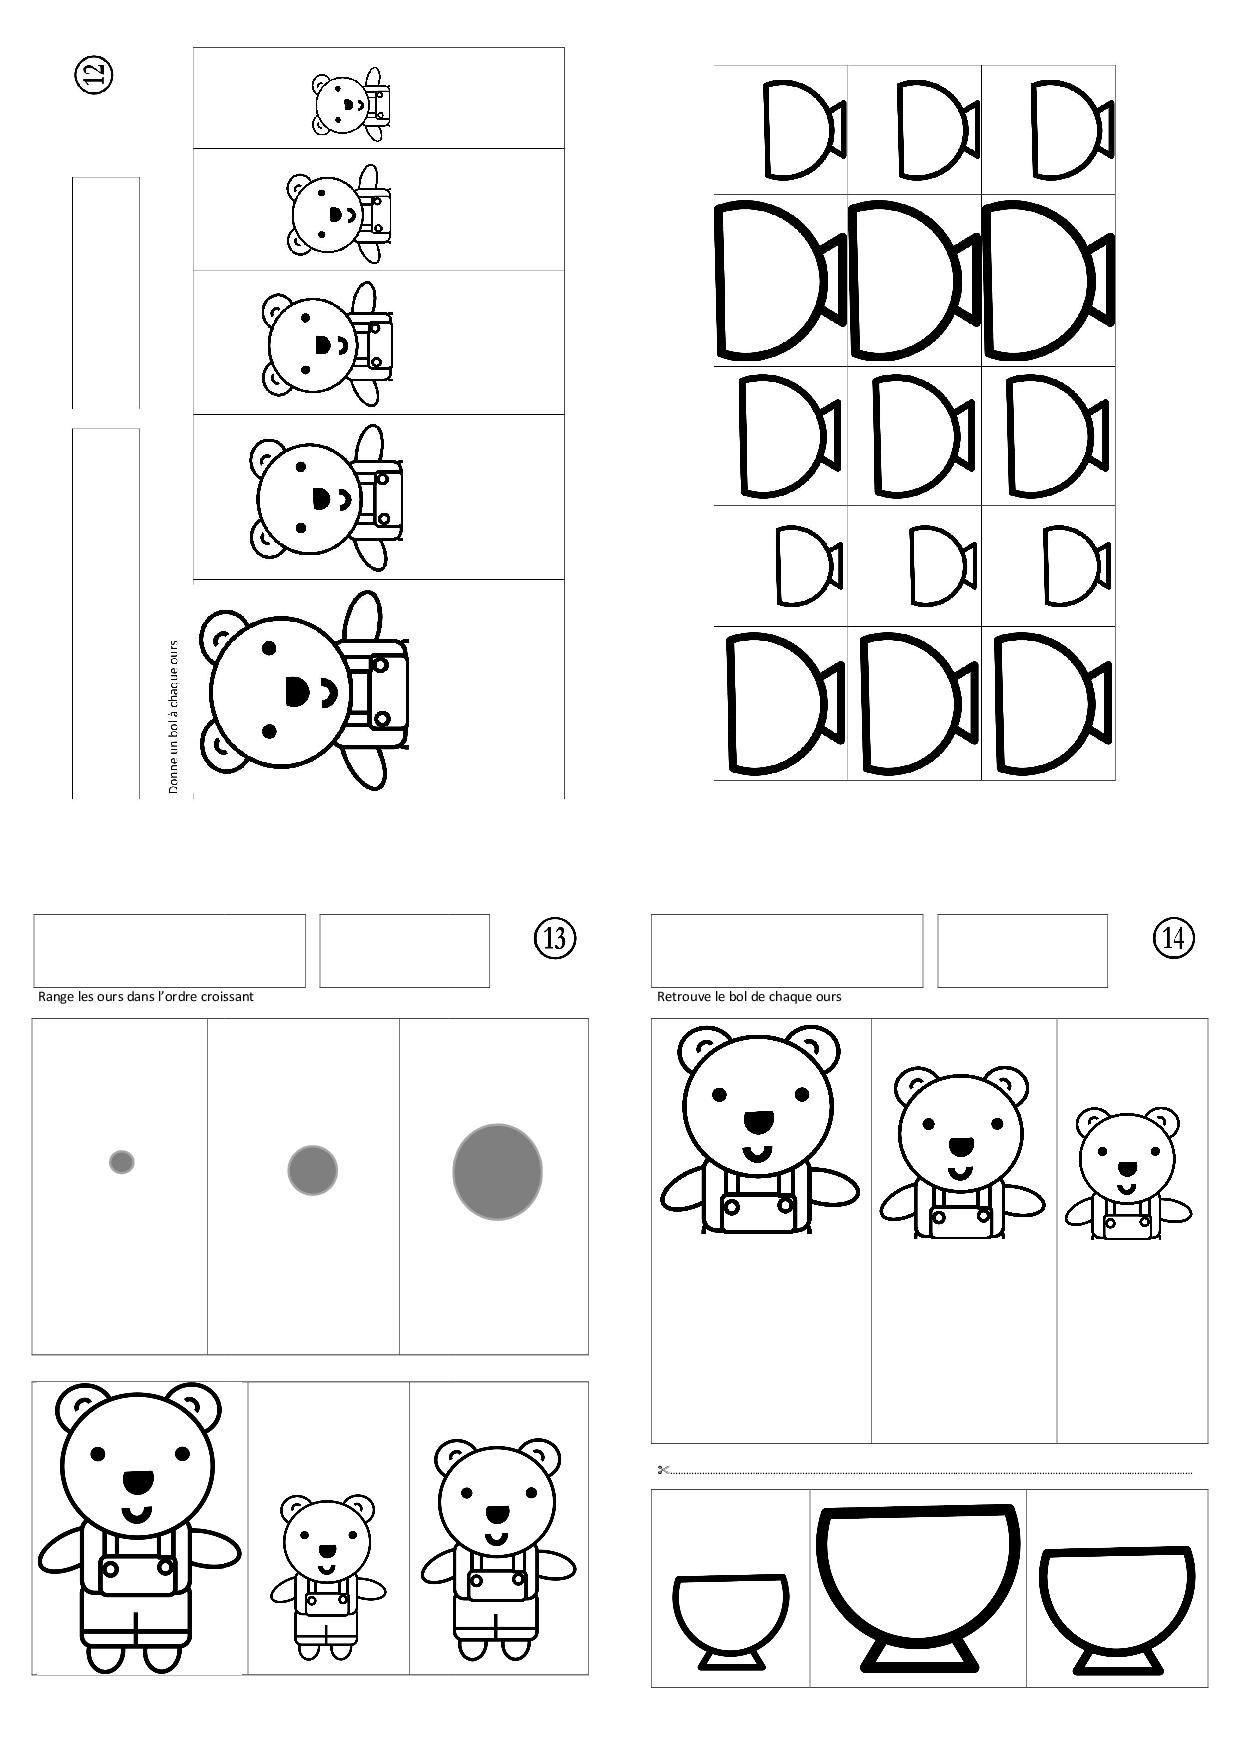 fichier boucle d 39 or et les trois ours conte boucles d 39 or pinterest boucles maternelle et. Black Bedroom Furniture Sets. Home Design Ideas